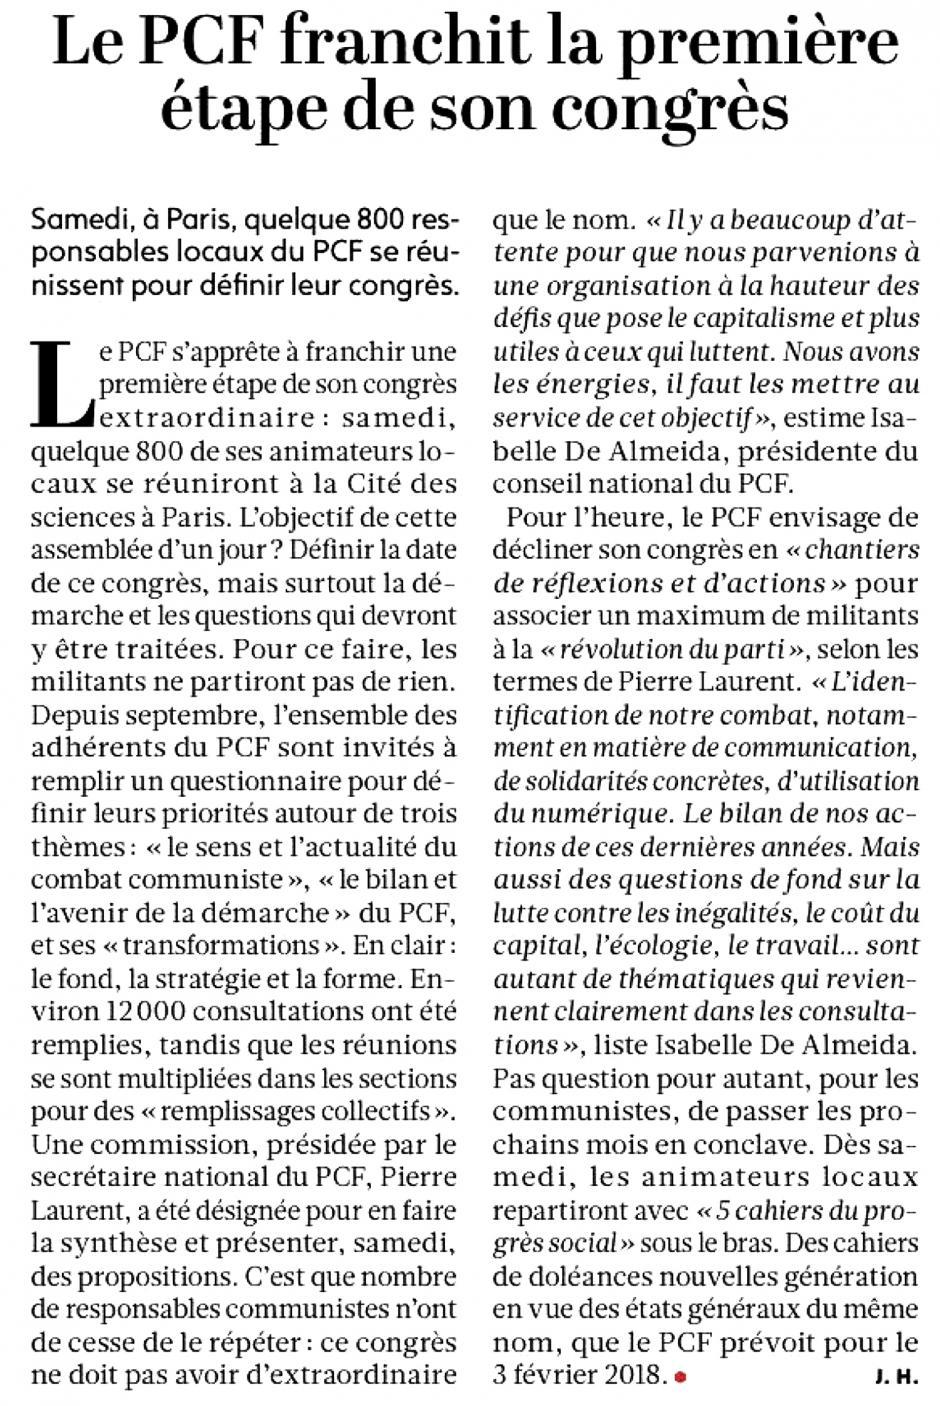 20171117-L'Huma-France-Le PCF franchit la première étape de son congrès